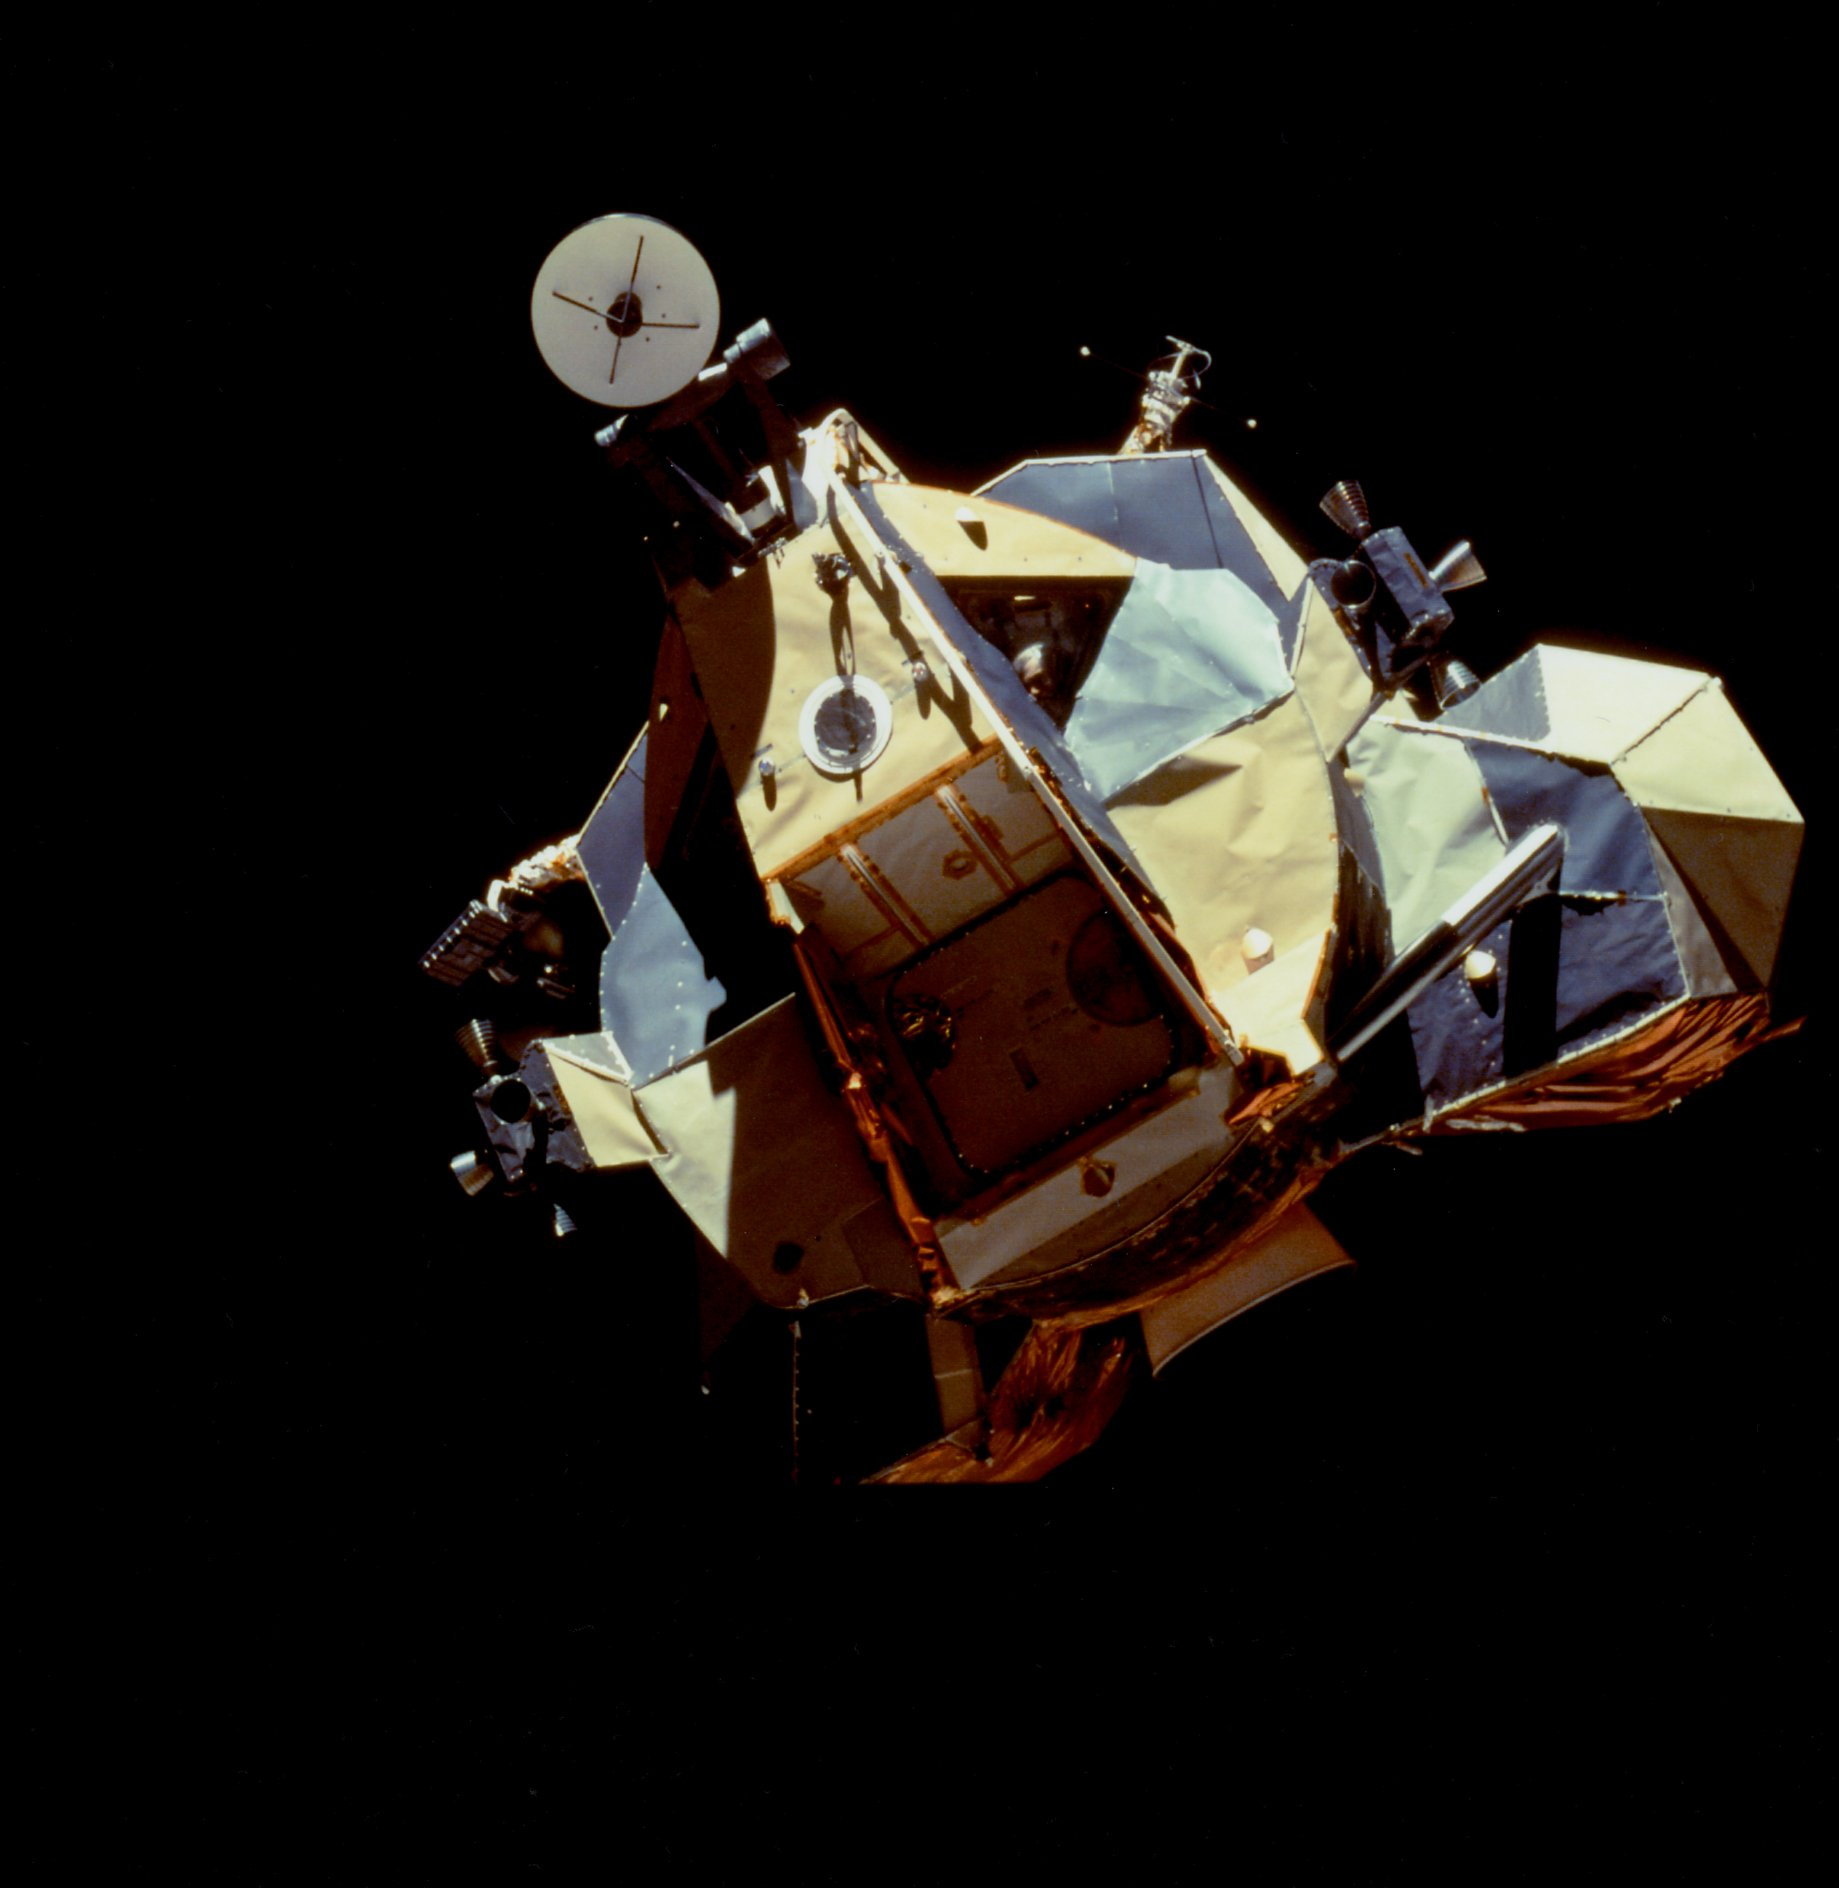 lunar module in space - photo #4